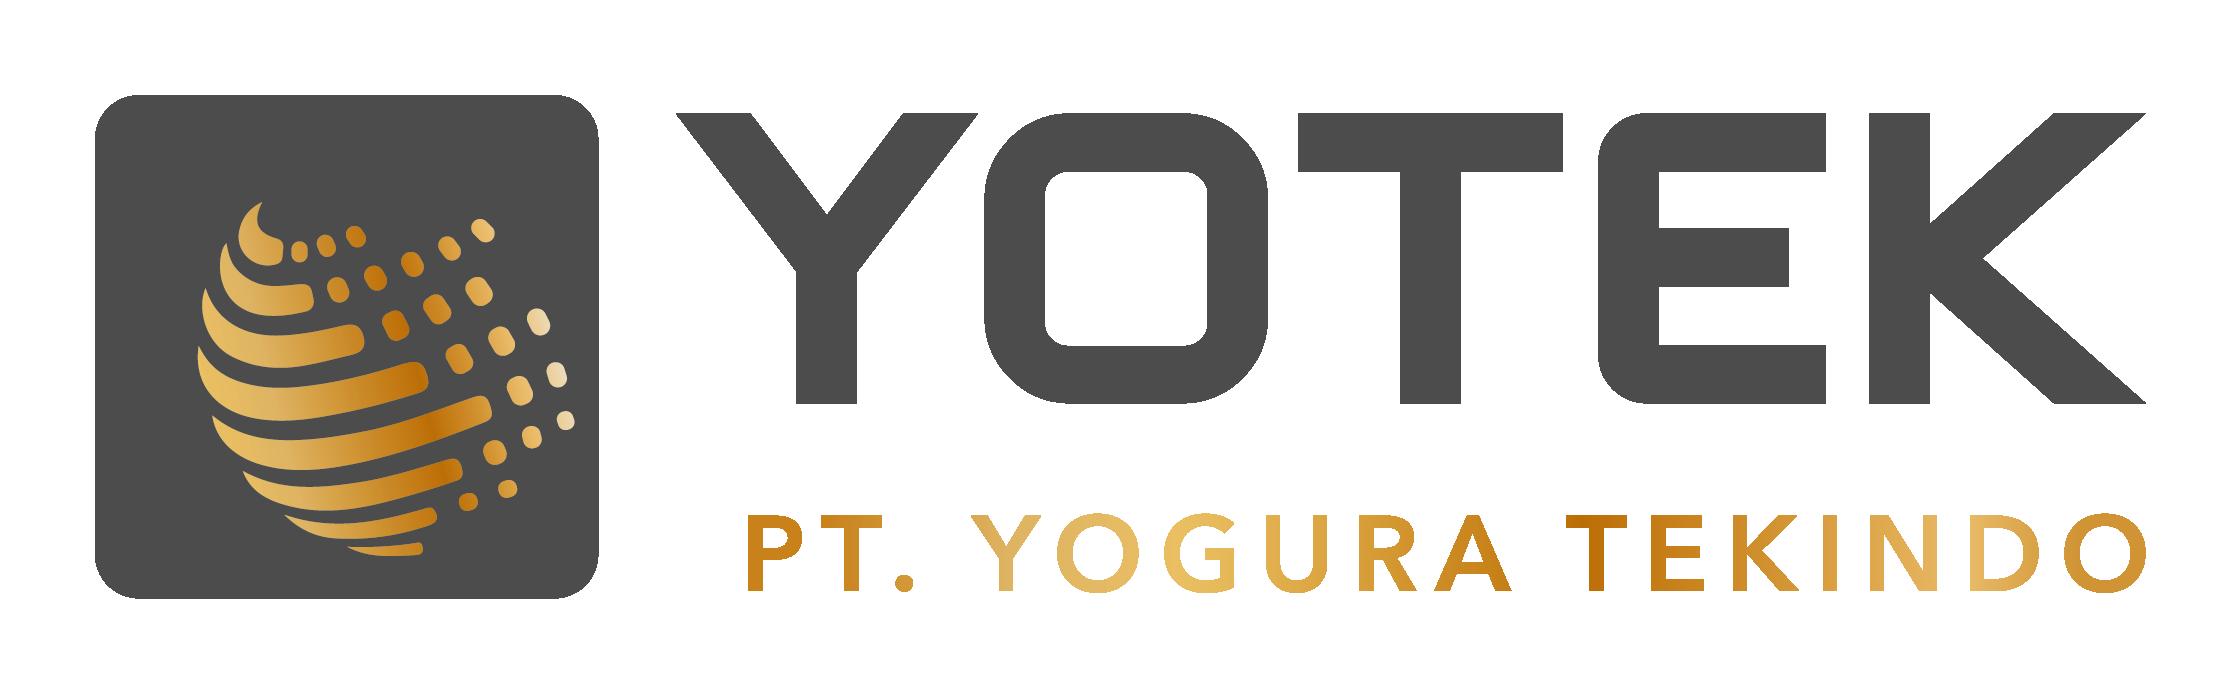 yotek_logo_v3-01